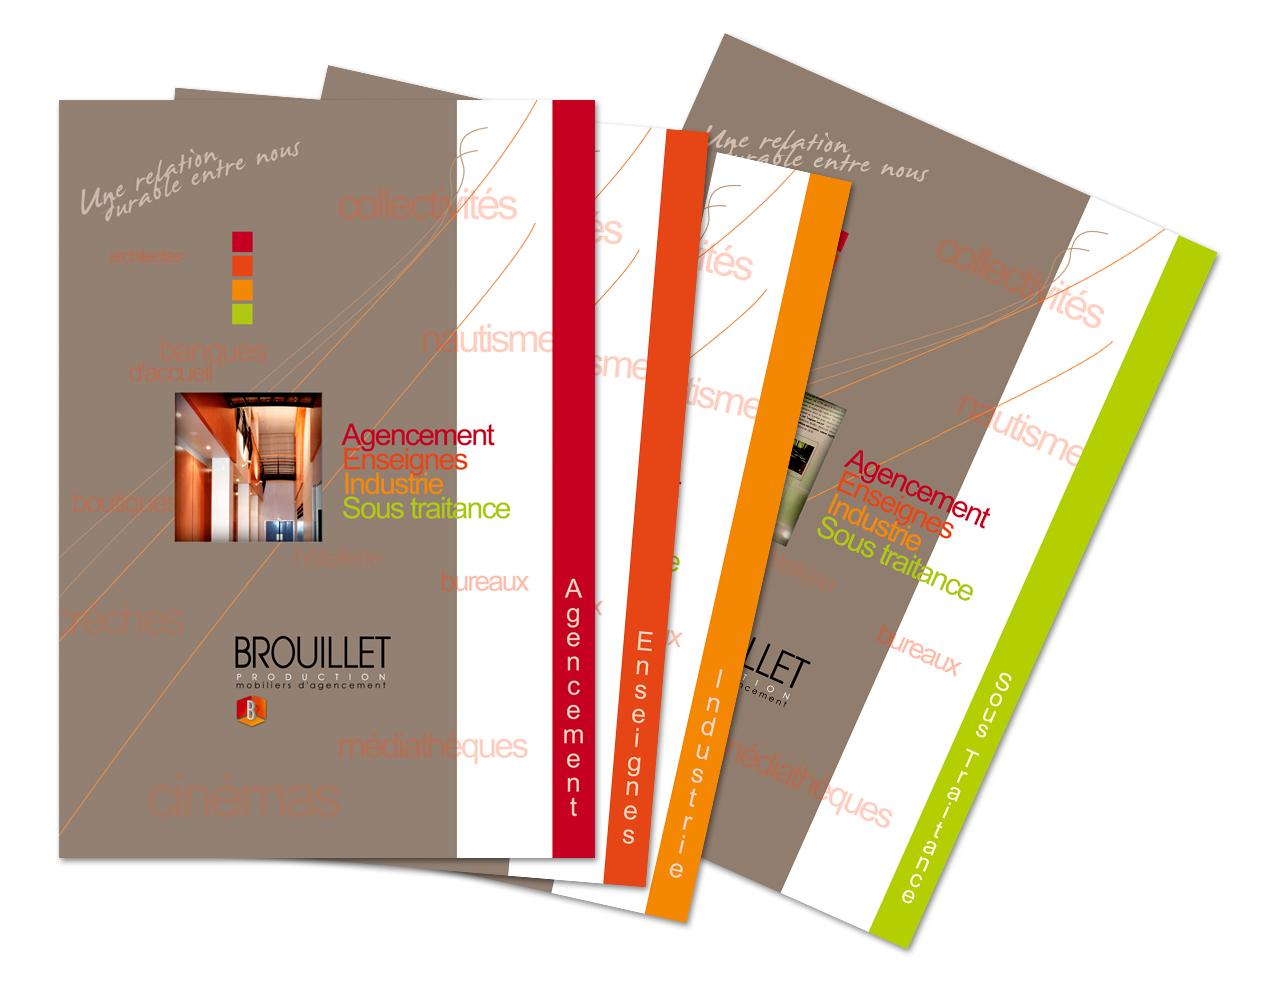 plaquette-commerciale-Brouillet-Agenceur